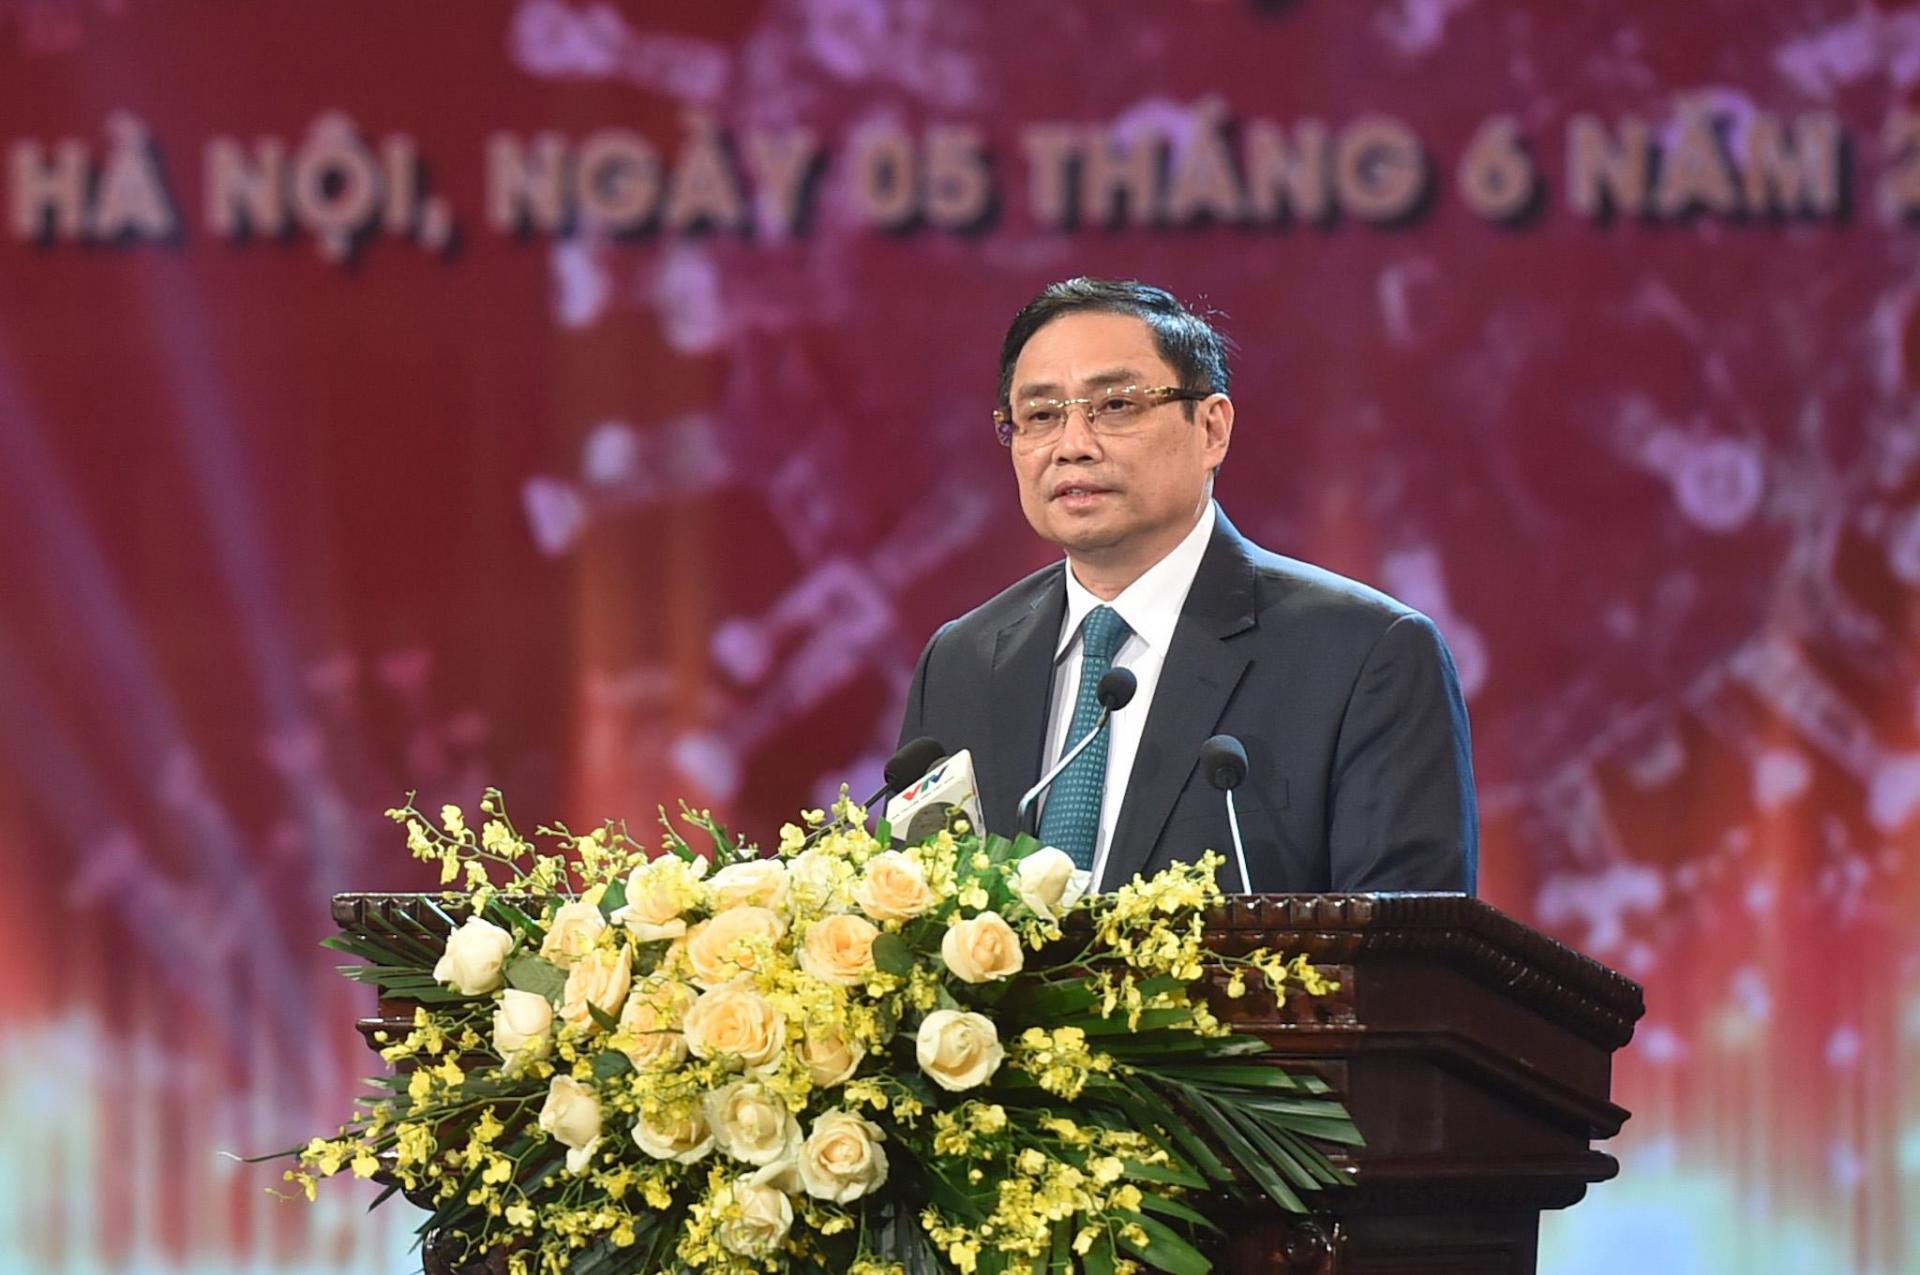 Thủ tướng Phạm Minh Chính khẳng định trong phương pháp chống dịch, chúng ta không lựa chọn giải pháp dễ làm mà có thể ảnh hưởng đến cuộc sống của người dân và phát triển kinh tế - xã hội.